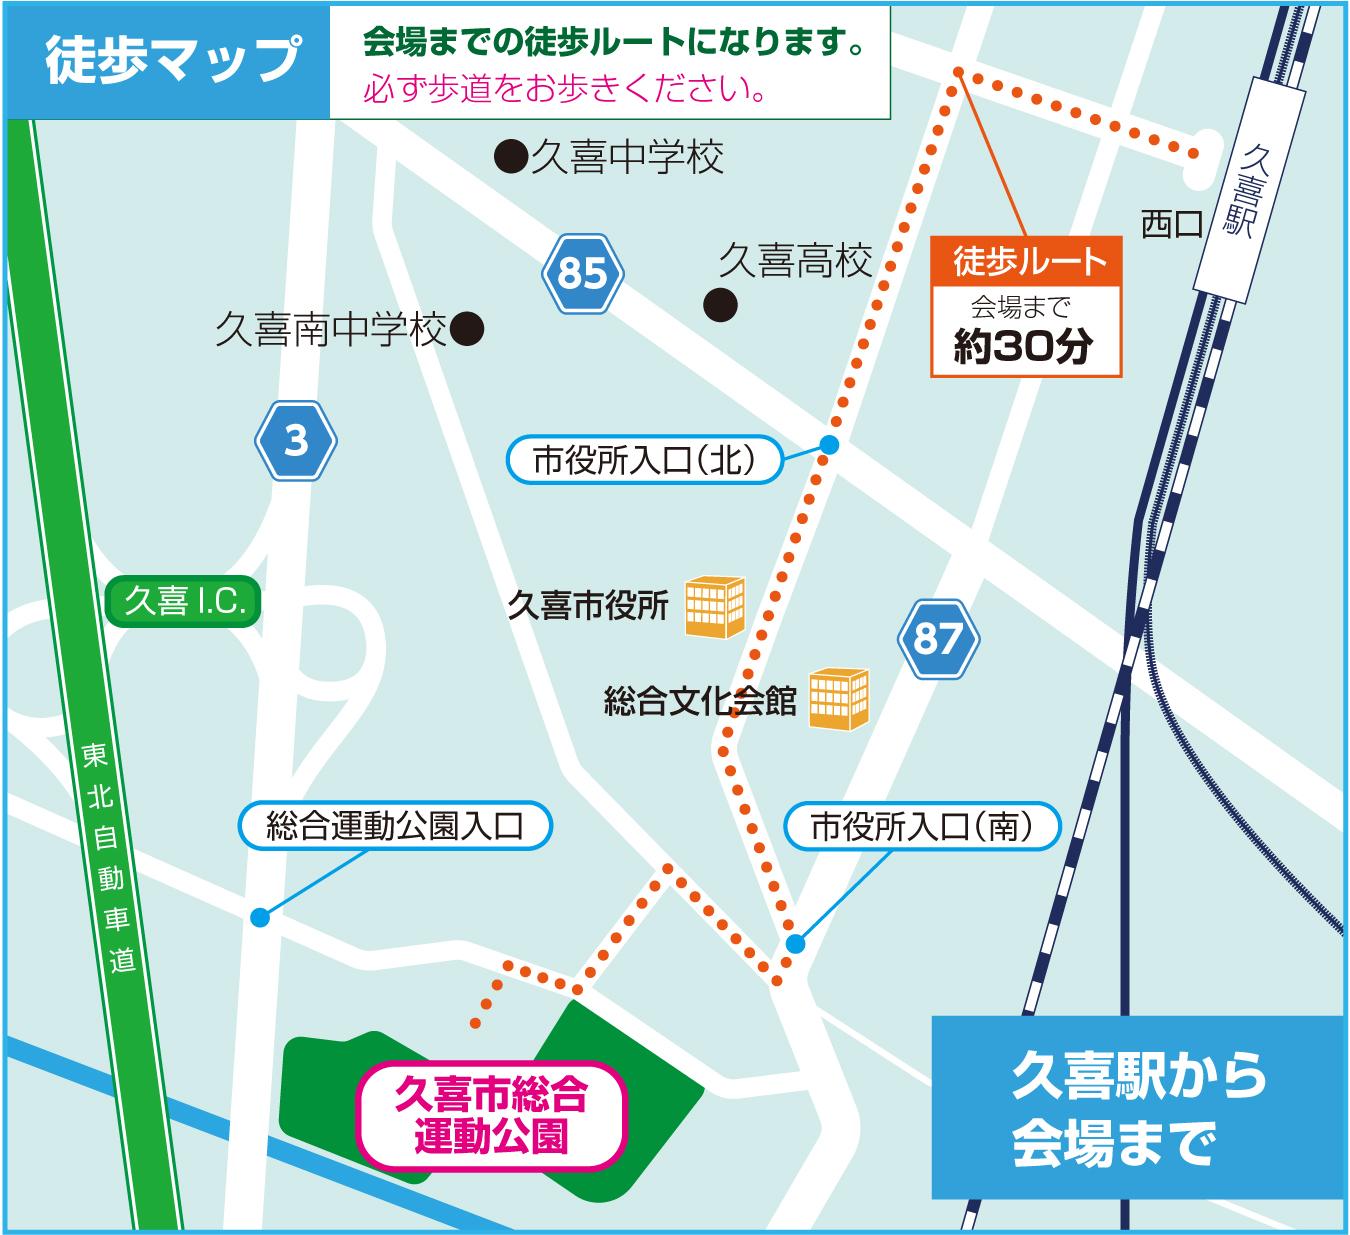 徒歩でのアクセスマップ